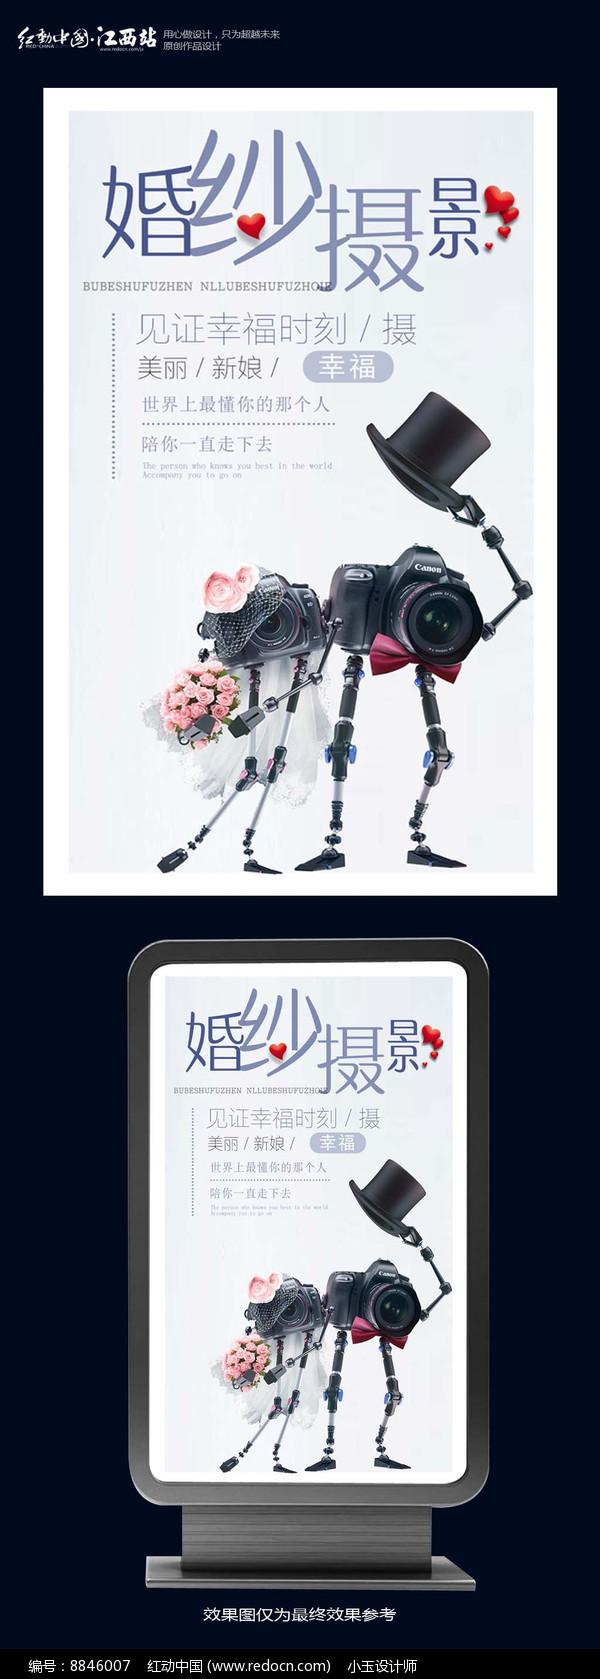 婚纱摄影宣传海报设计图片